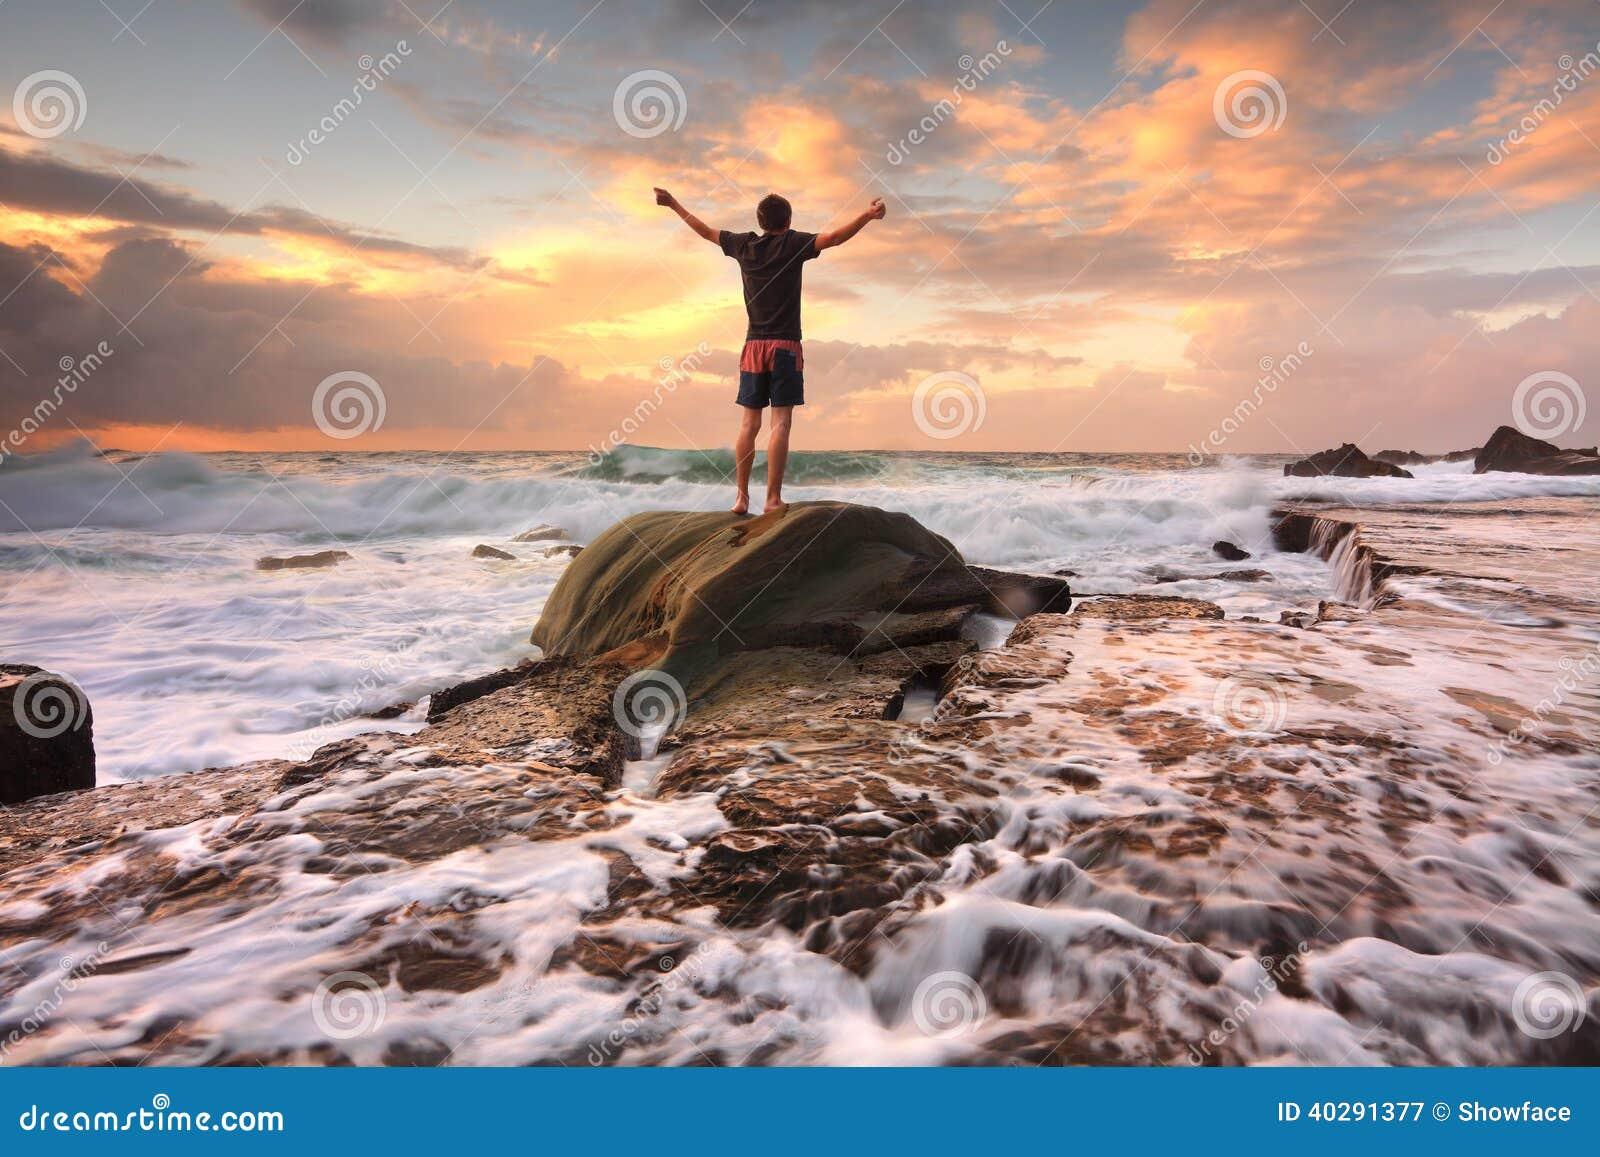 La vie d entrain, Dieu d éloge, nature d amour, mers turbulentes de lever de soleil arme